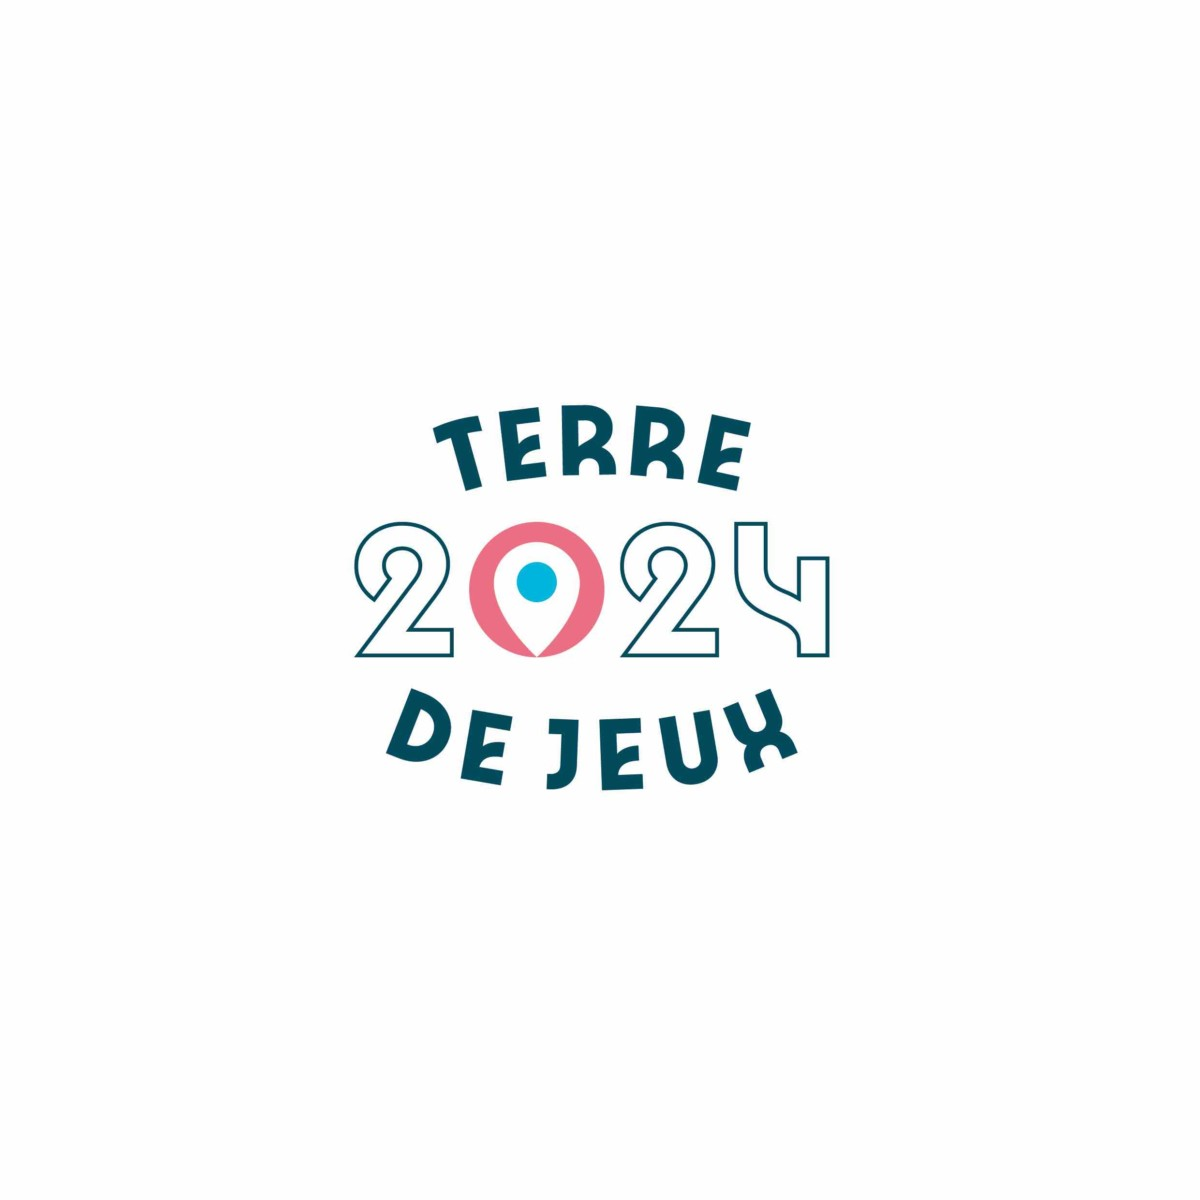 Terre de Jeux 2024 - Logotype - Poly - pod_blanc - RVB